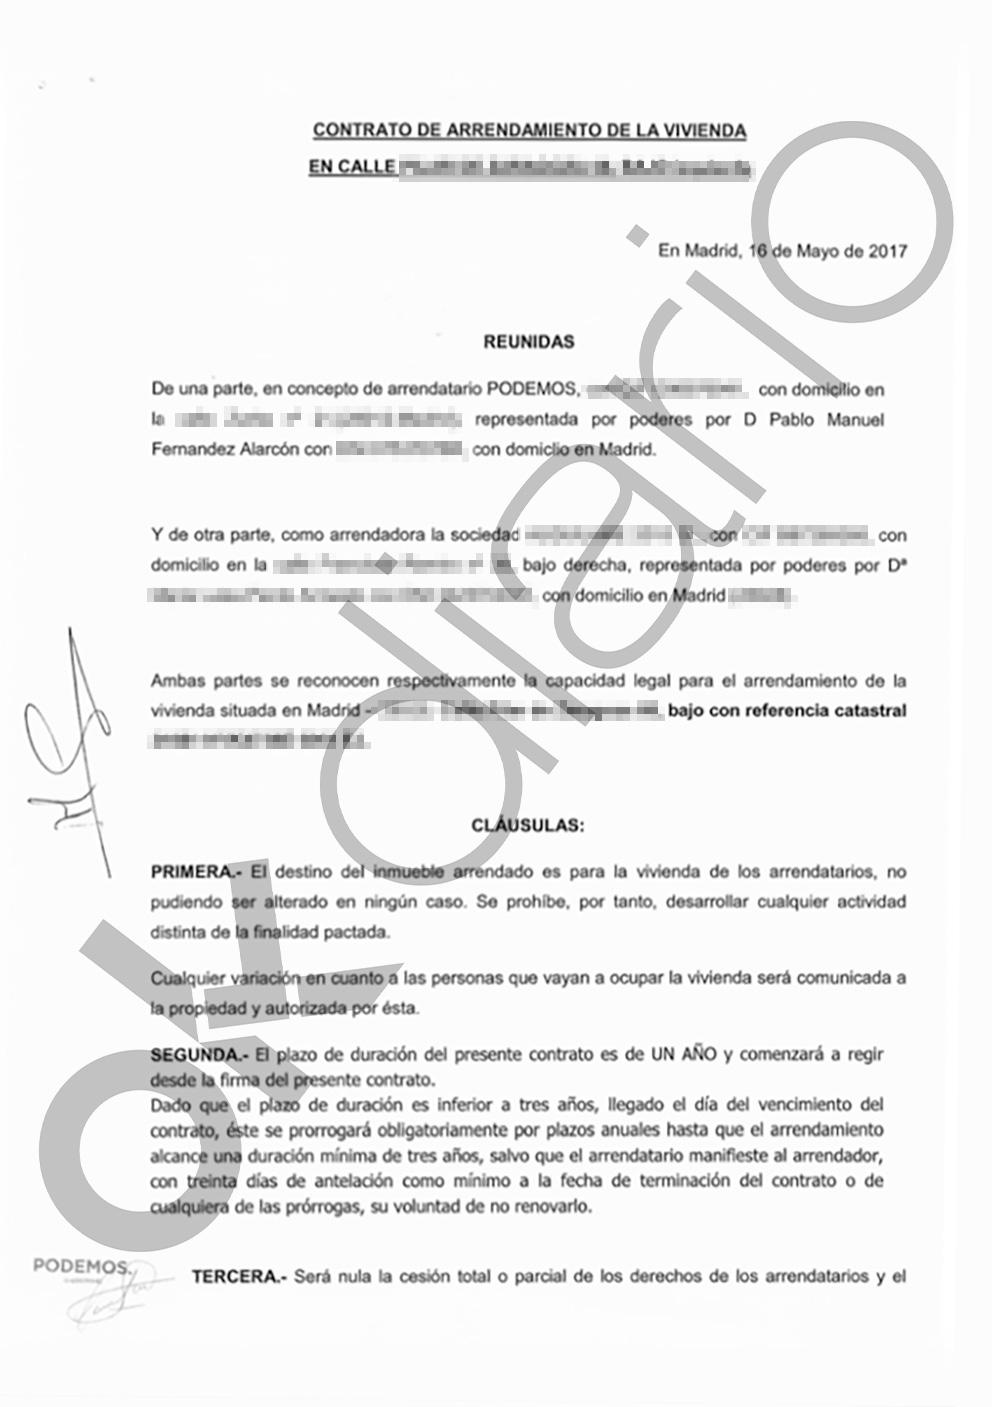 Echenique se hizo un Monedero: 'olvidó' declarar el piso pagado por Podemos hasta que el abogado lo descubrió